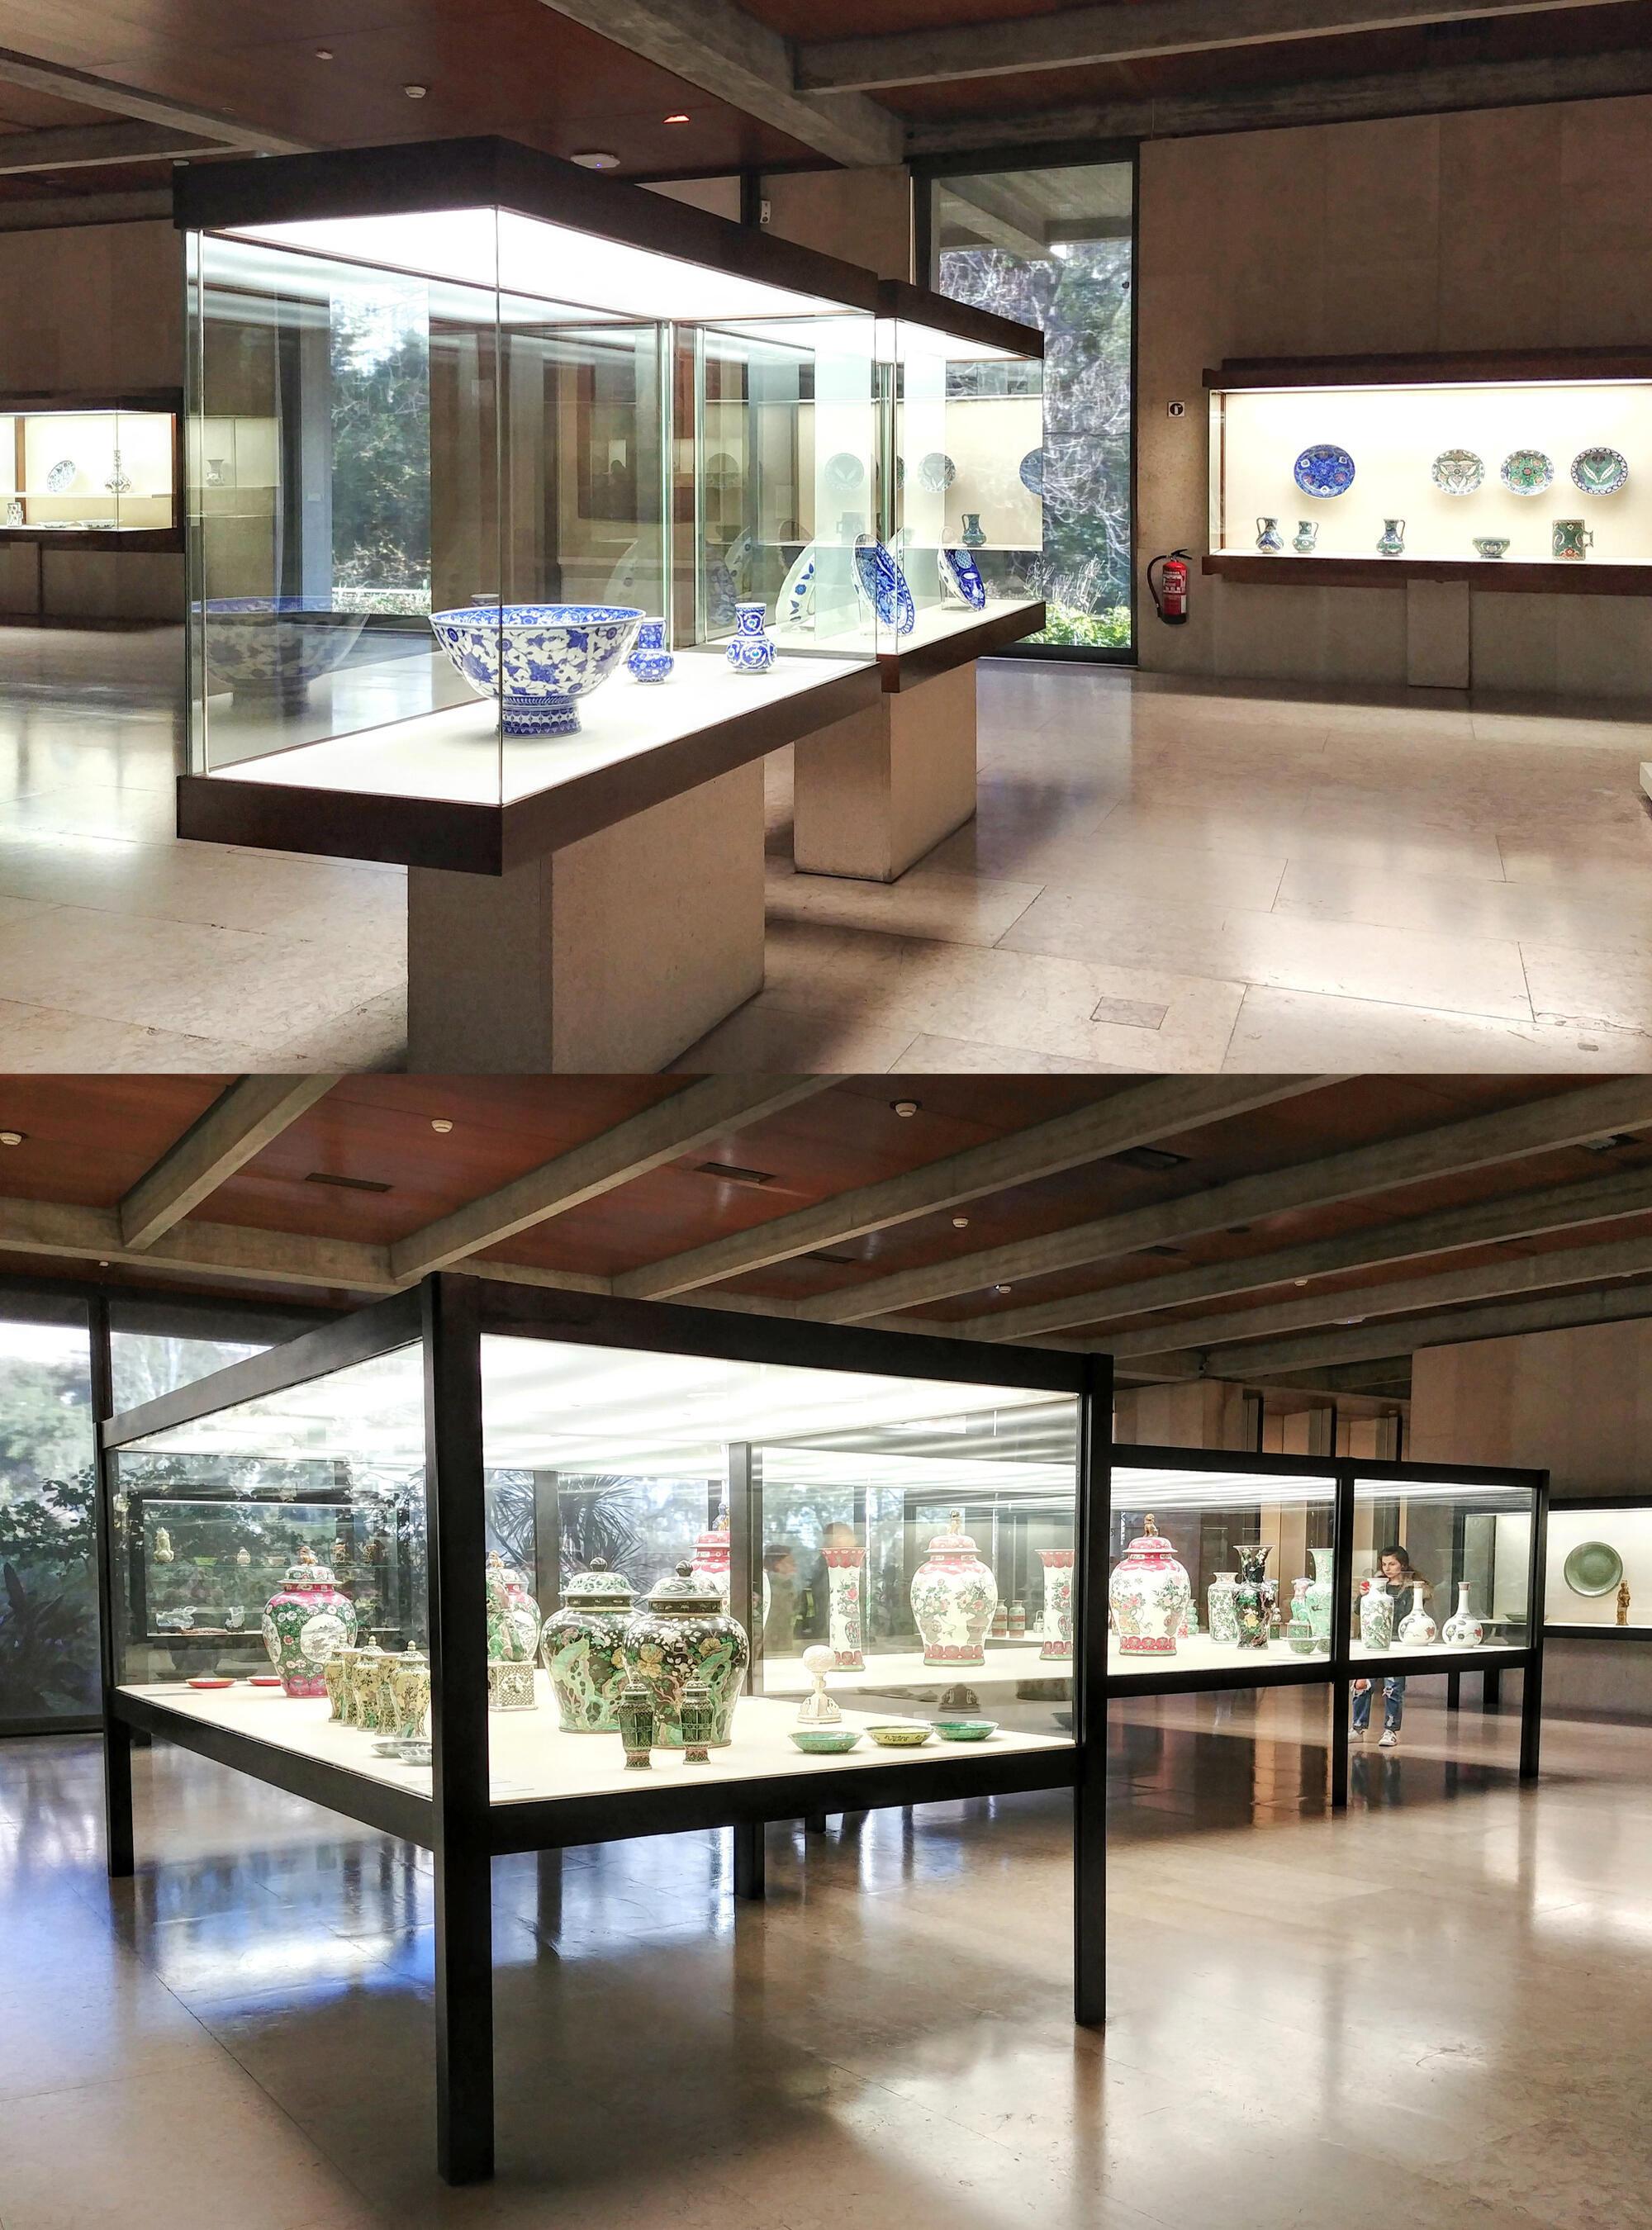 Các tủ kính trưng bày gốm sứ của nhiều triều đại Trung Hoa